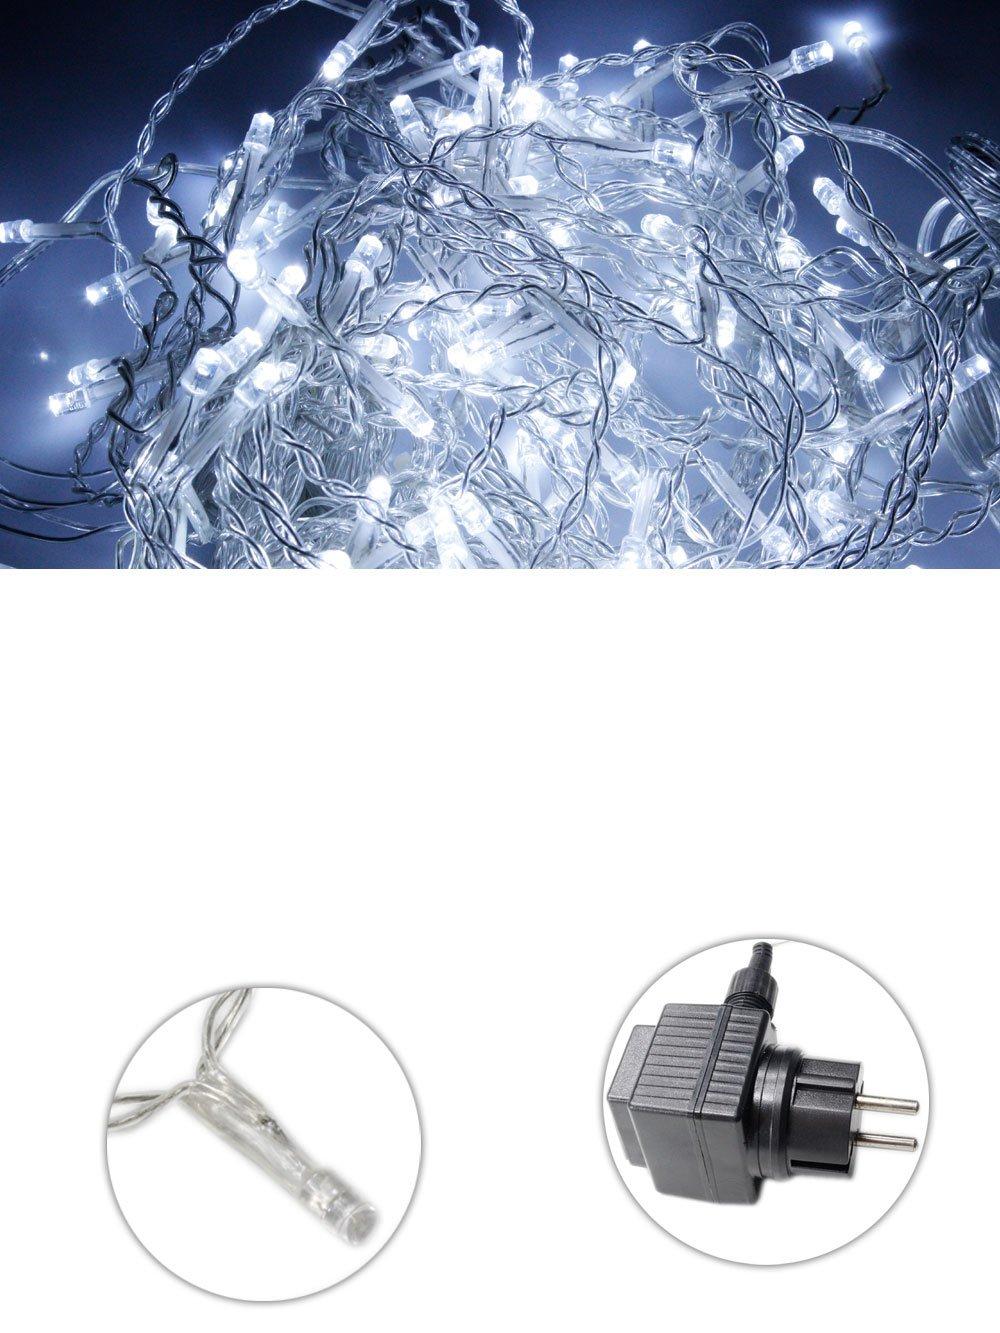 Vetrineinrete® Luci natalizie led per esterno filo trasparente catena serie 480 led luce bianca fredda 38 metri impermeabile IP44 addobbi natalizi decorazioni abete esterno giochi di luci B60